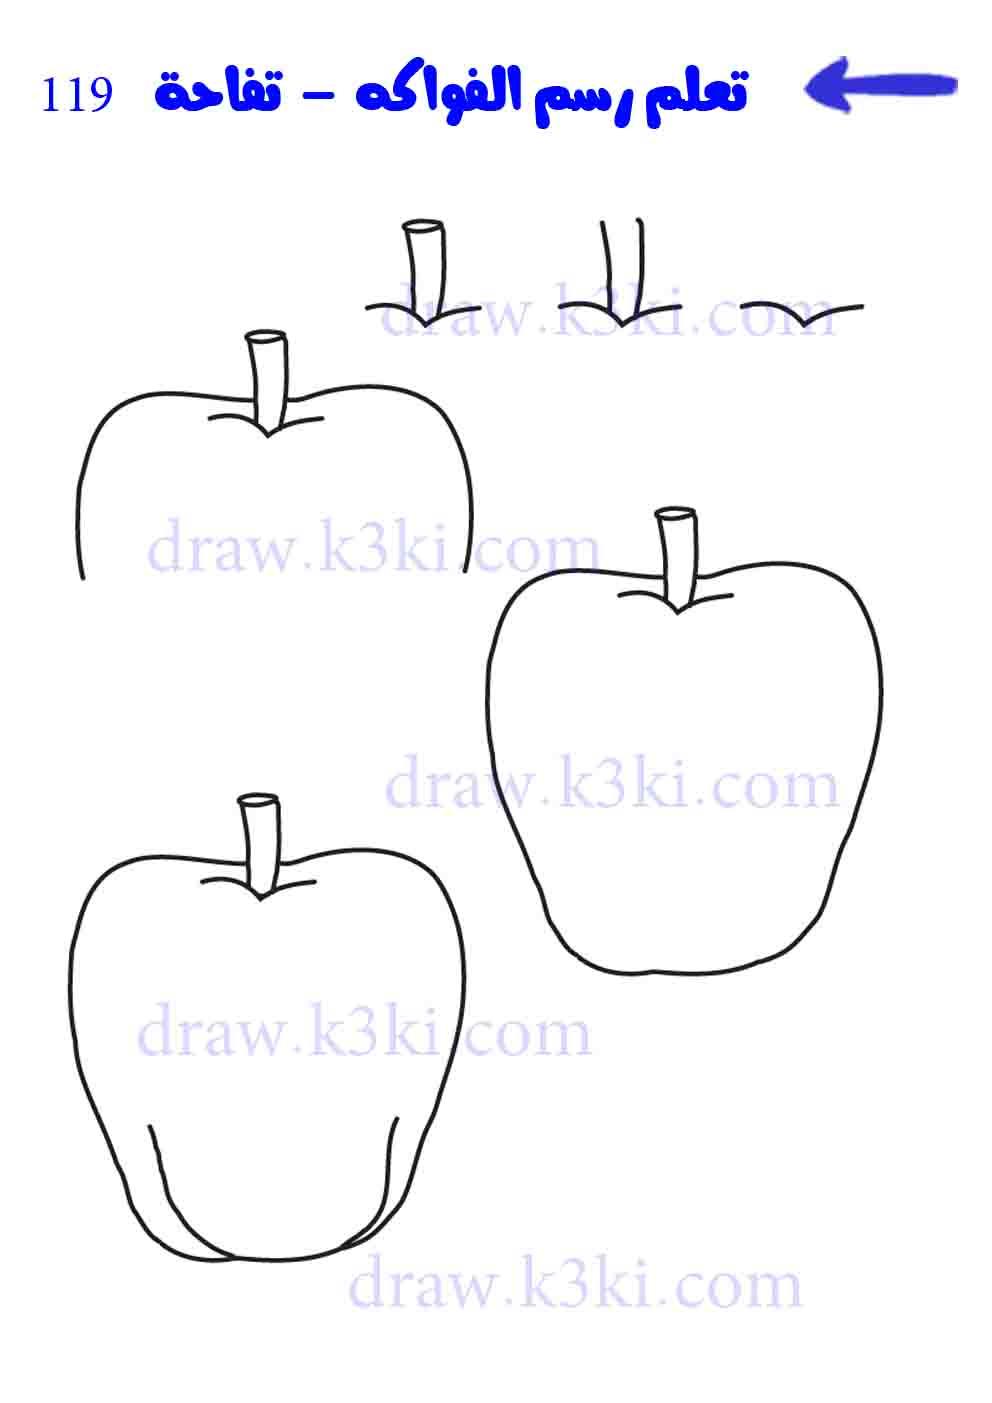 تعلم رسم تفاحة تعلم الرسم